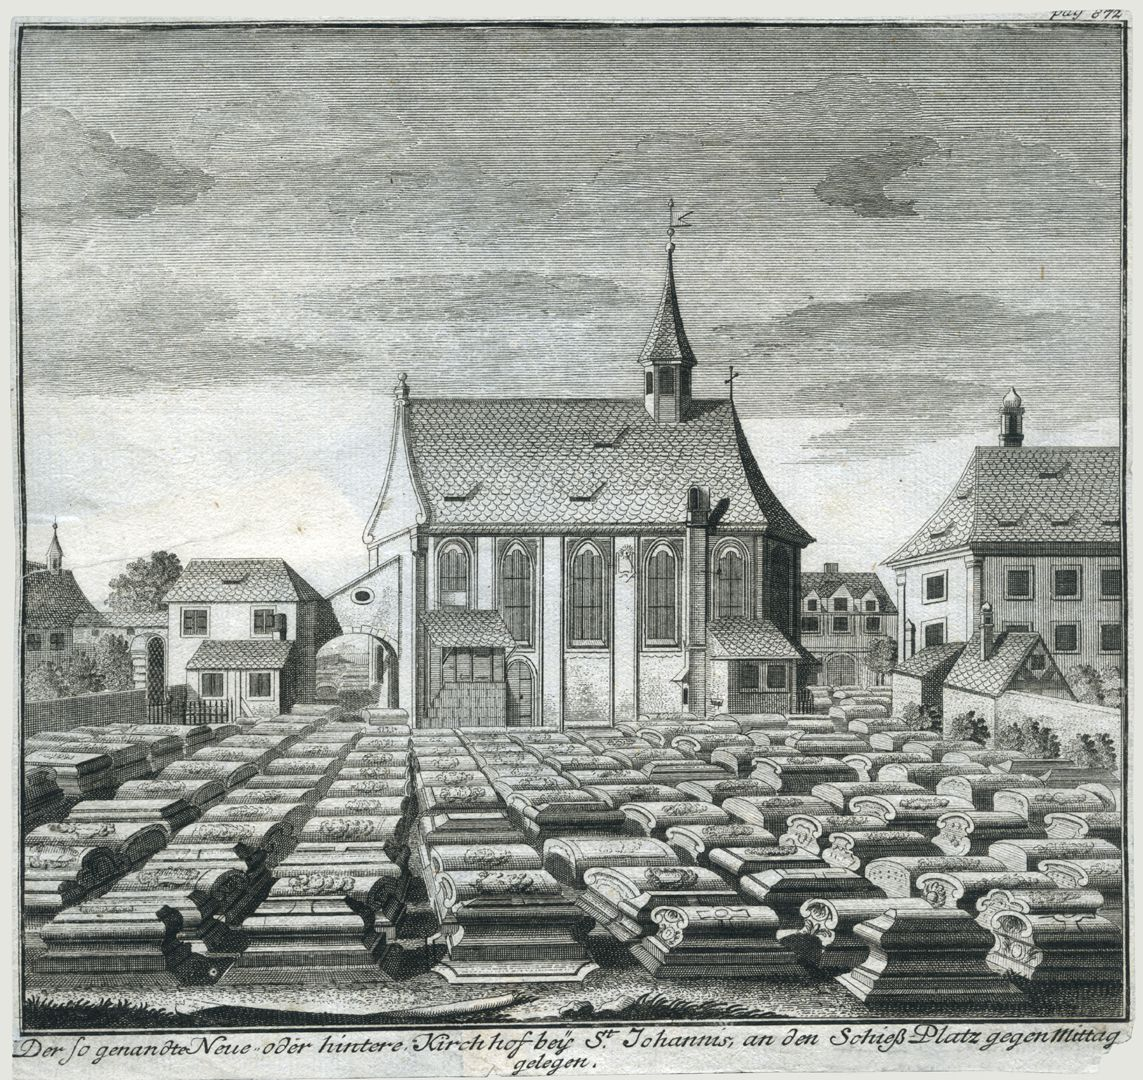 """""""Der so genandte Neue oder hintere Kirchhof beÿ St. Johannis..."""" Gesamtblatt mit Gräberfeld, der Johanniskirche und dem nach 1855 abgebrochenem Pfarrhaus"""